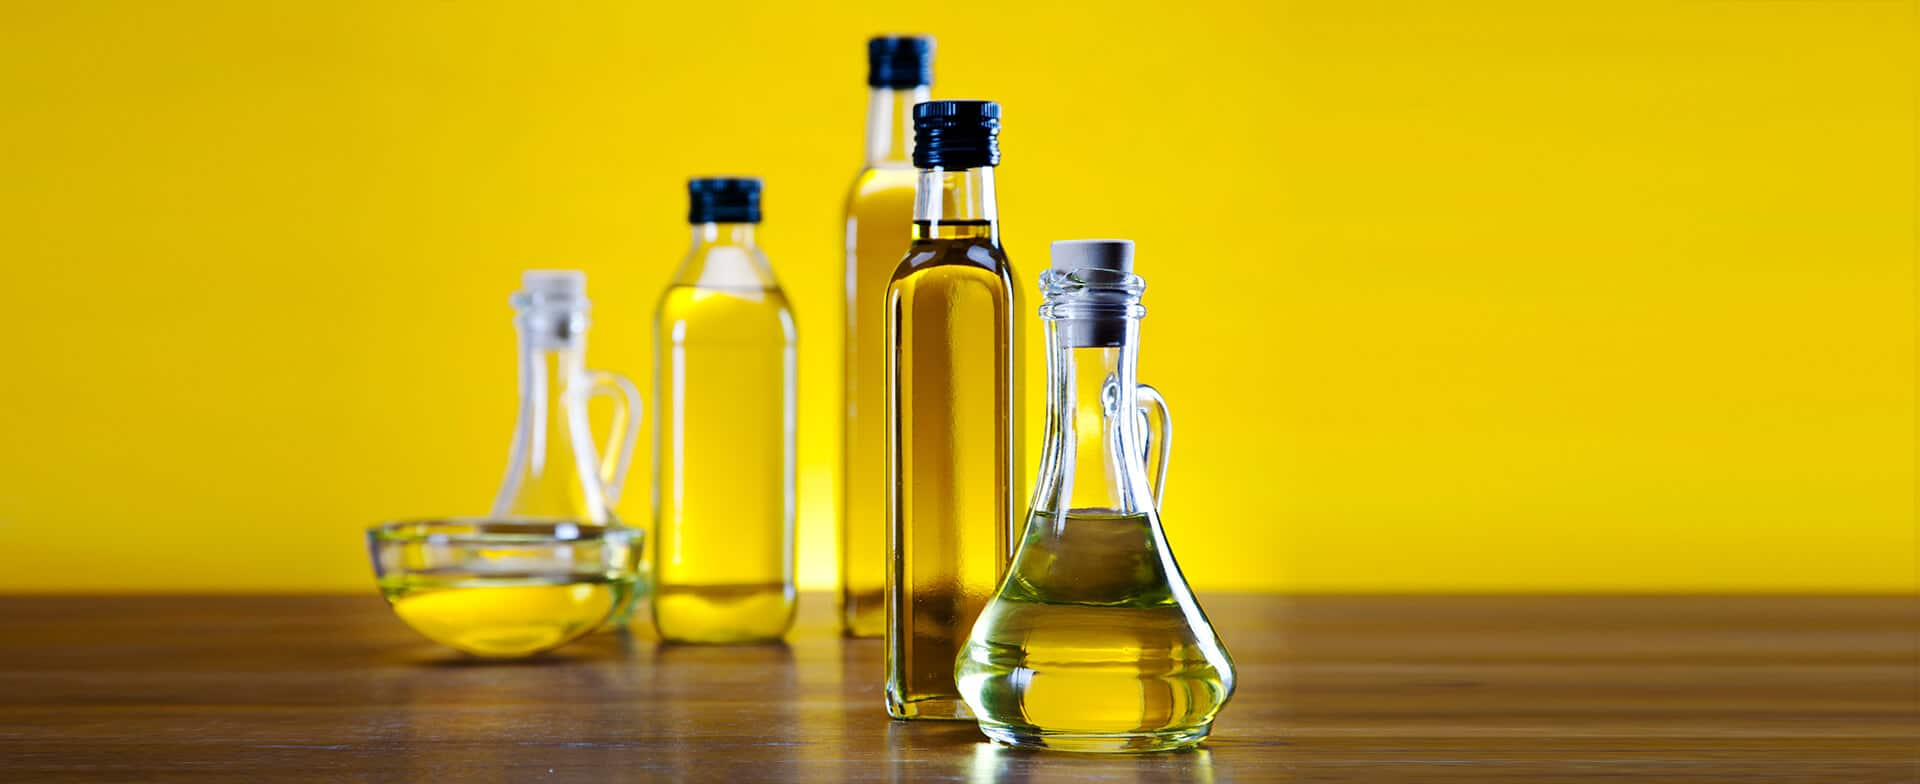 橄榄油的种类